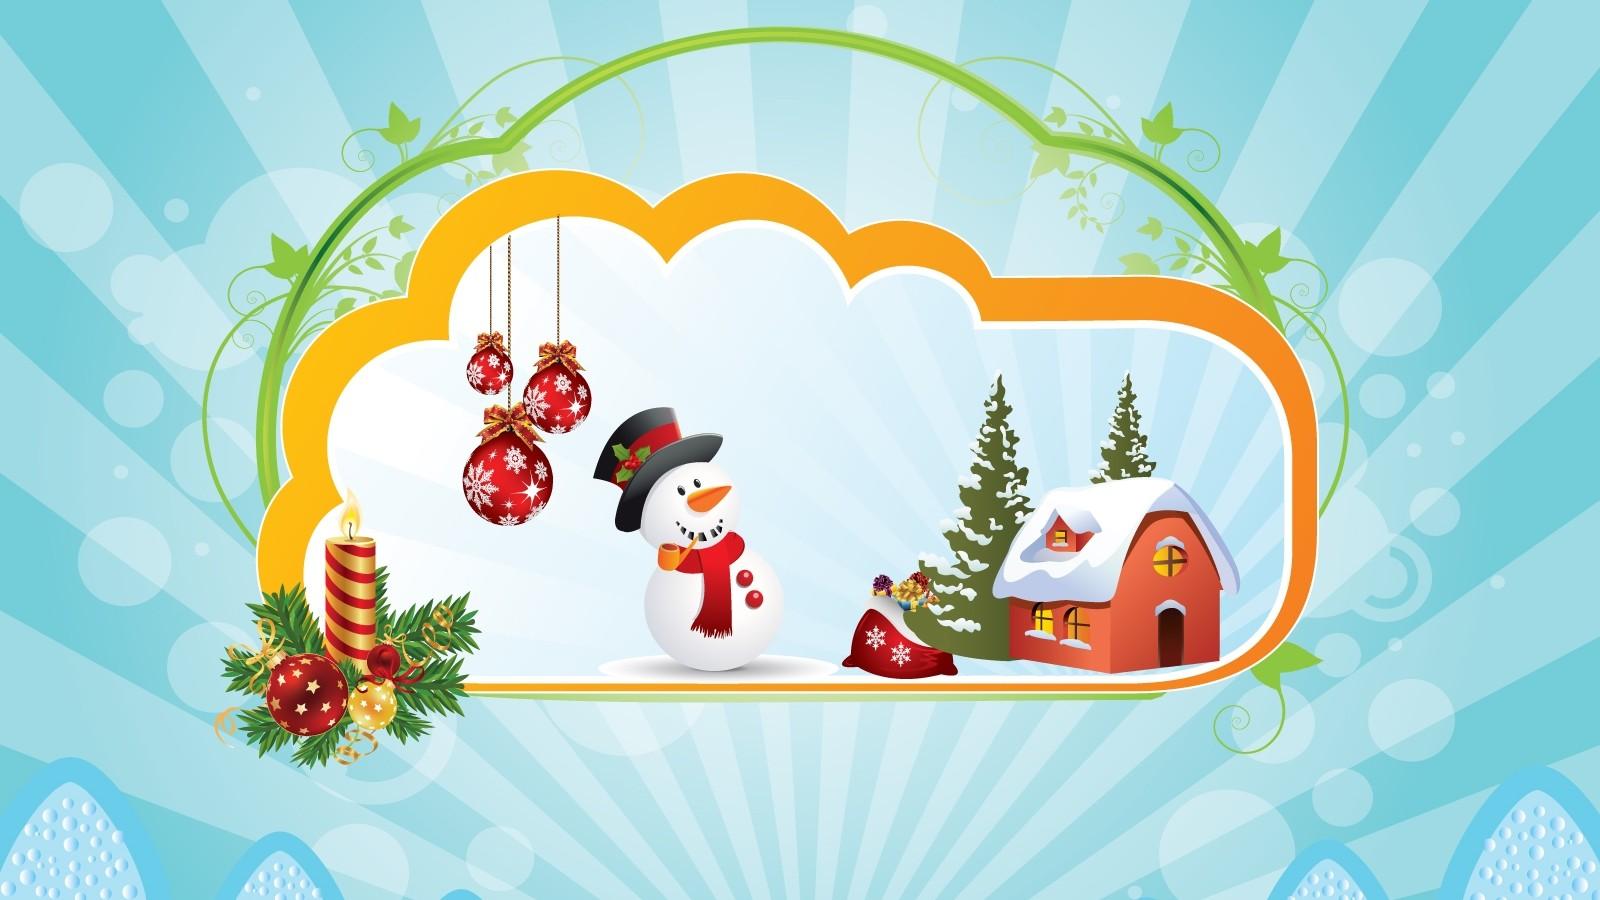 snowman christmas clipart 1600x900 wallpaper